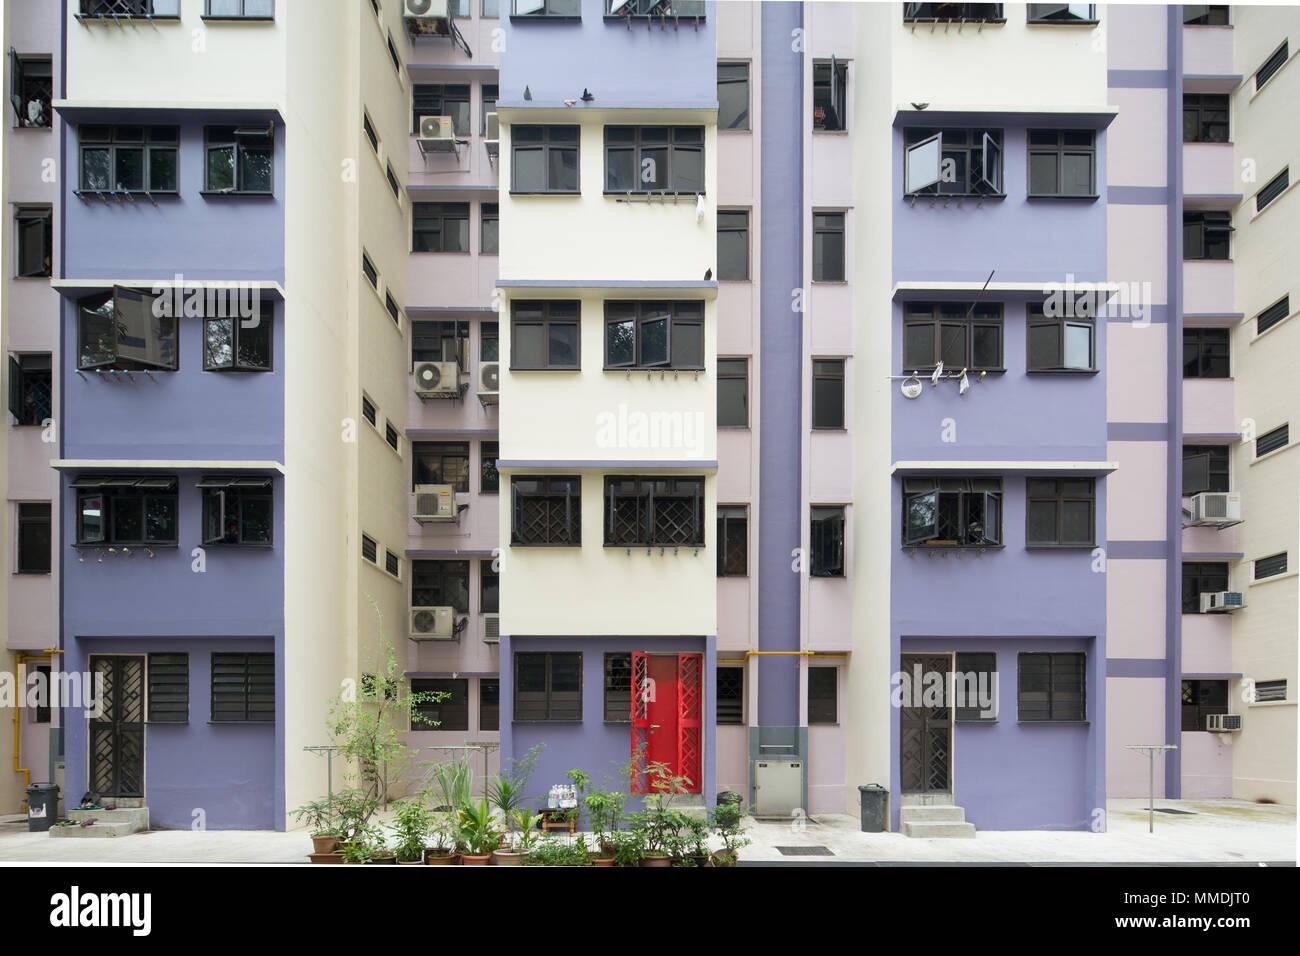 Architettura di un design immobiliare a Singapore. Foto Stock